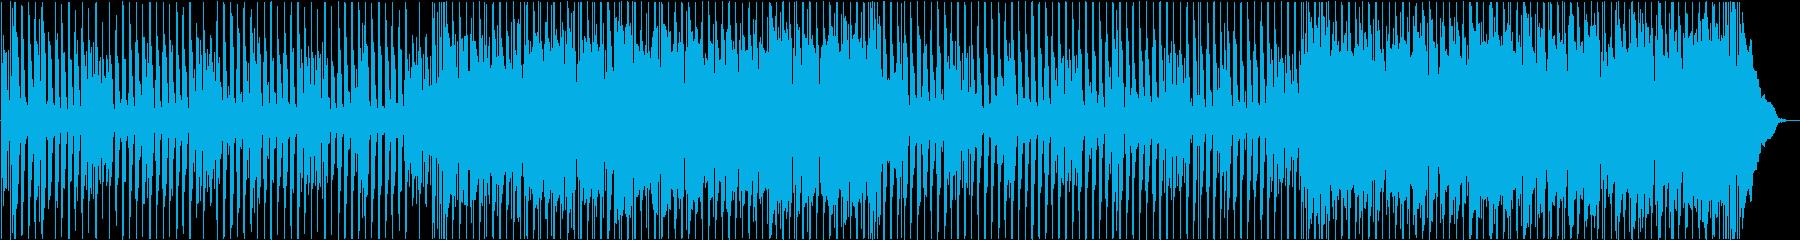 心地よく前向きな雰囲気のライトポップの再生済みの波形